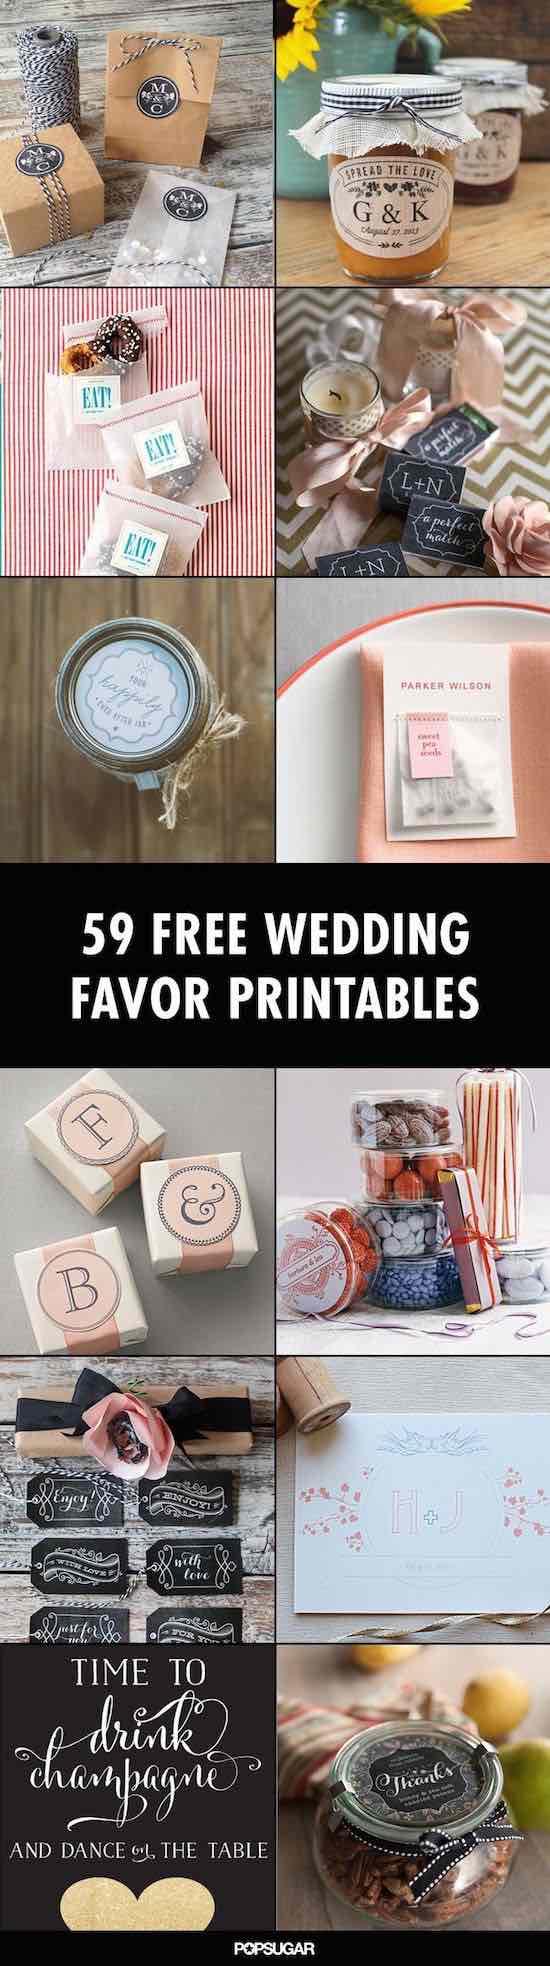 ¡Todo puede personalizarse! imprimibles de souvenirs para bodas super originales